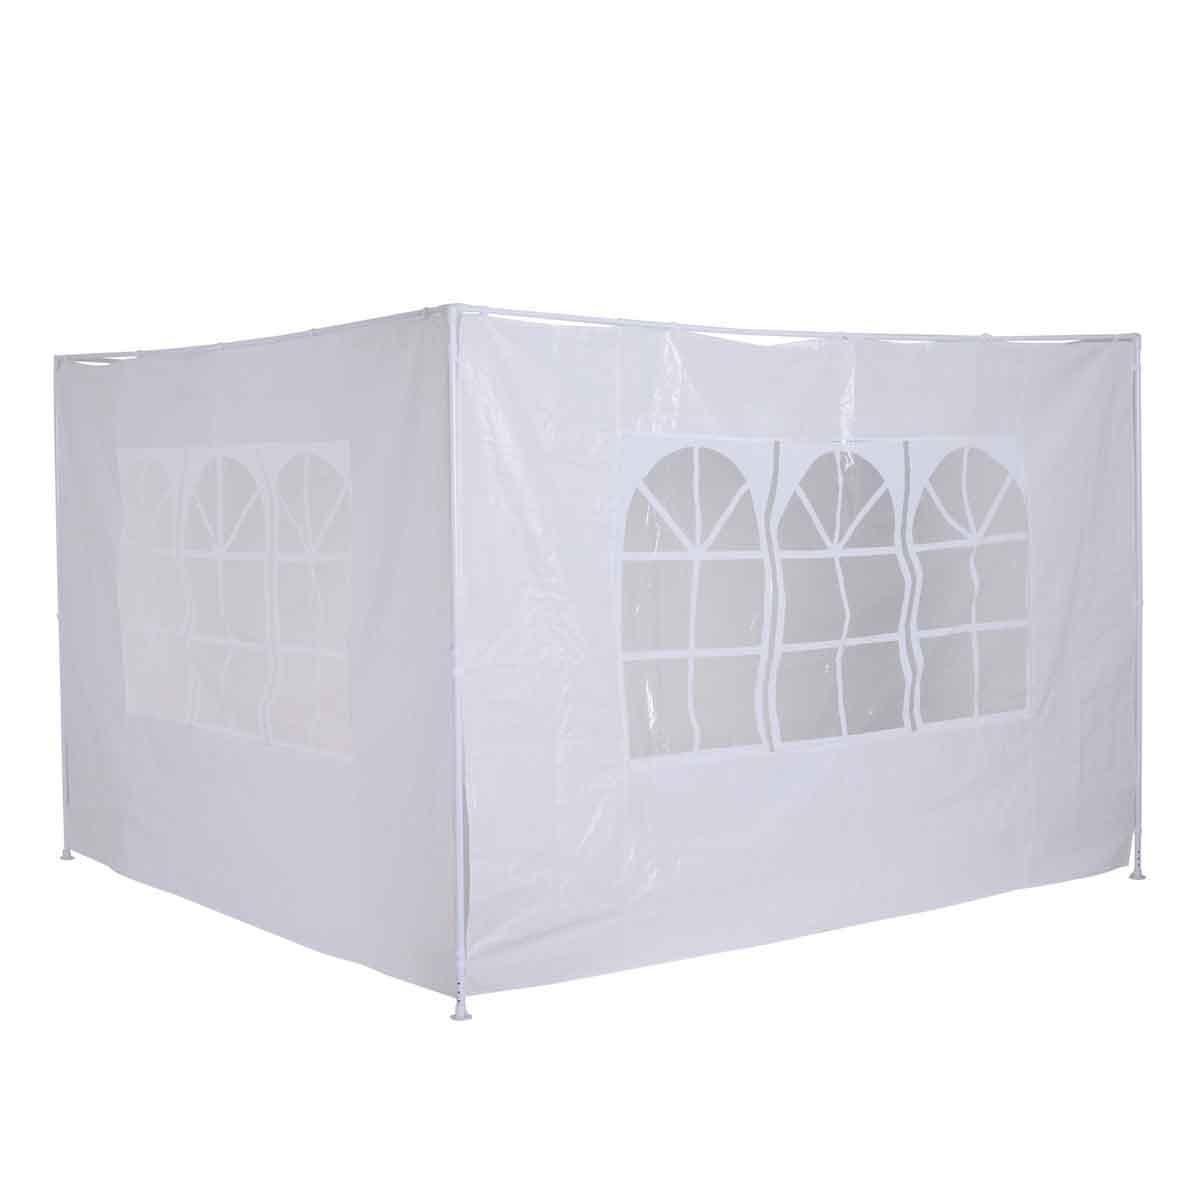 Outsunny 3m Gazebo 2pc Replacement Side Wall Set - White